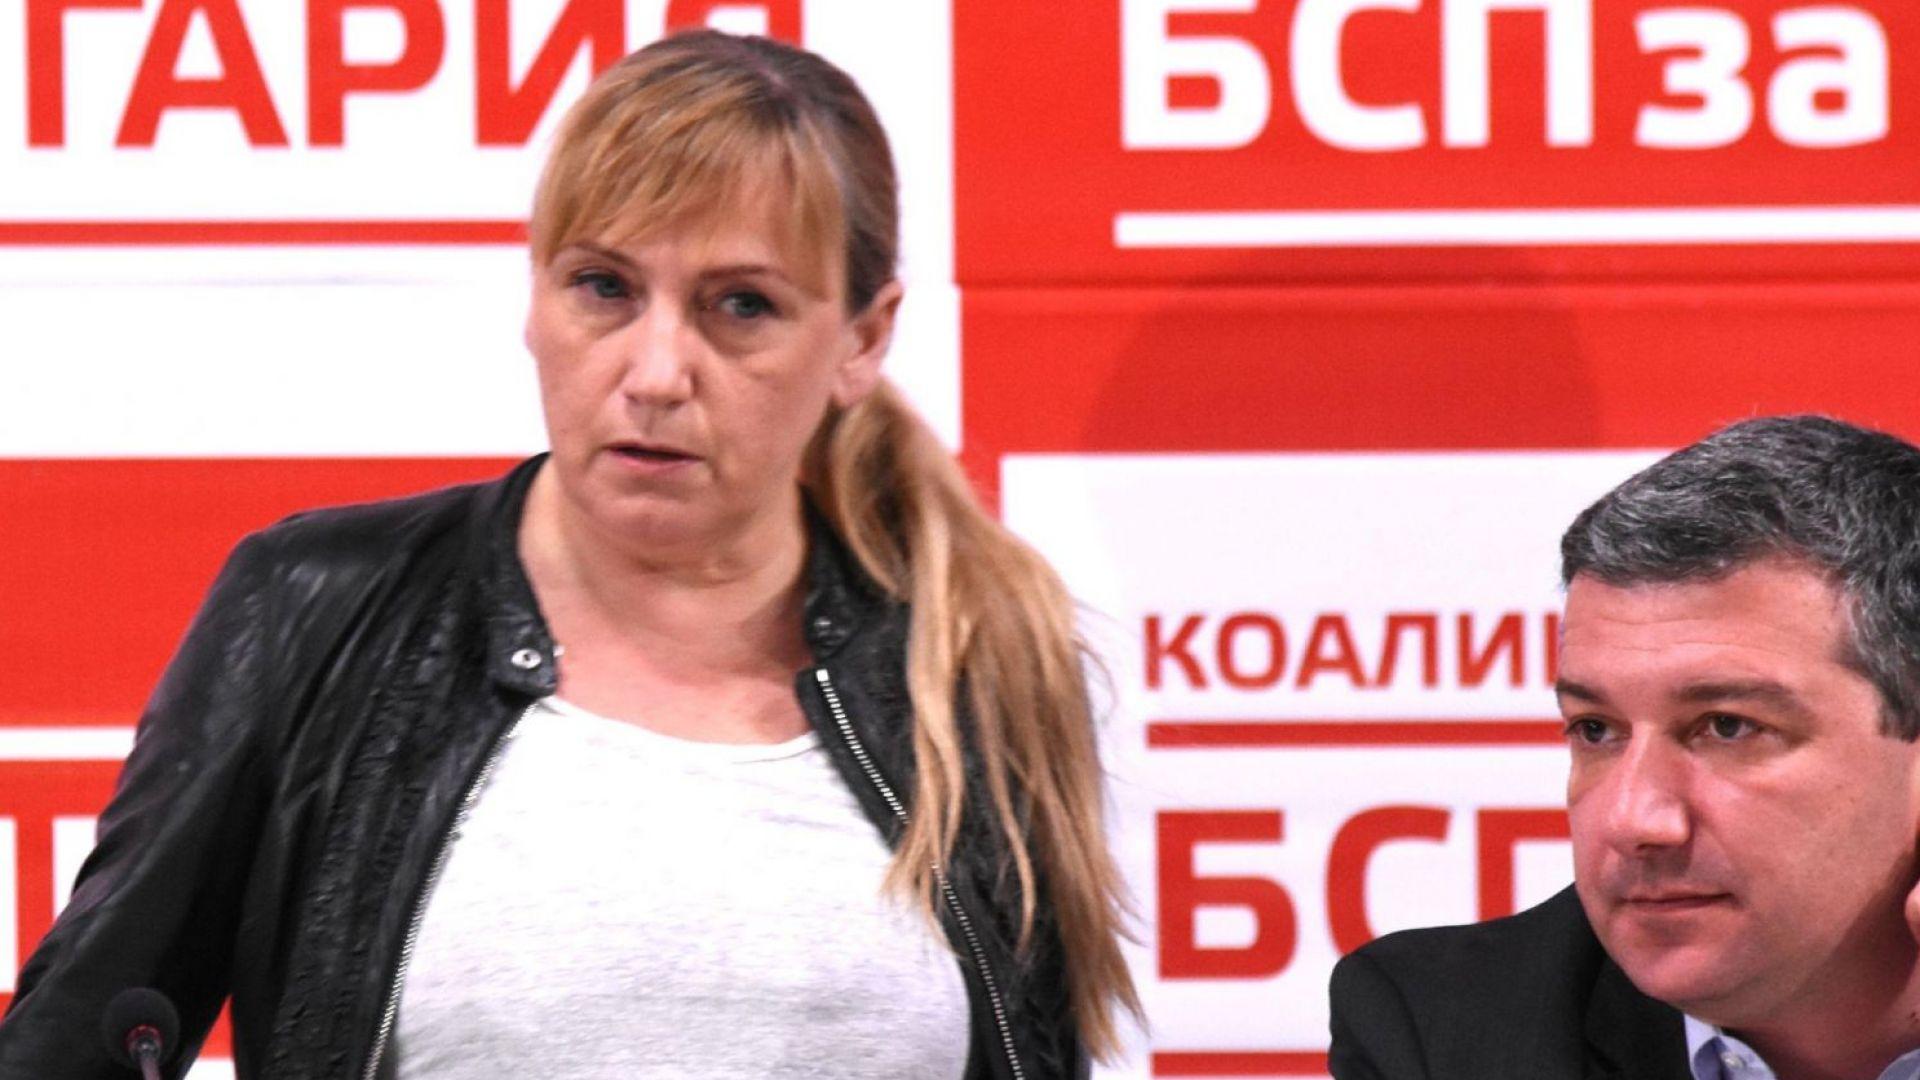 Елена Йончева обжалва паричната гаранция от 20 000 лева